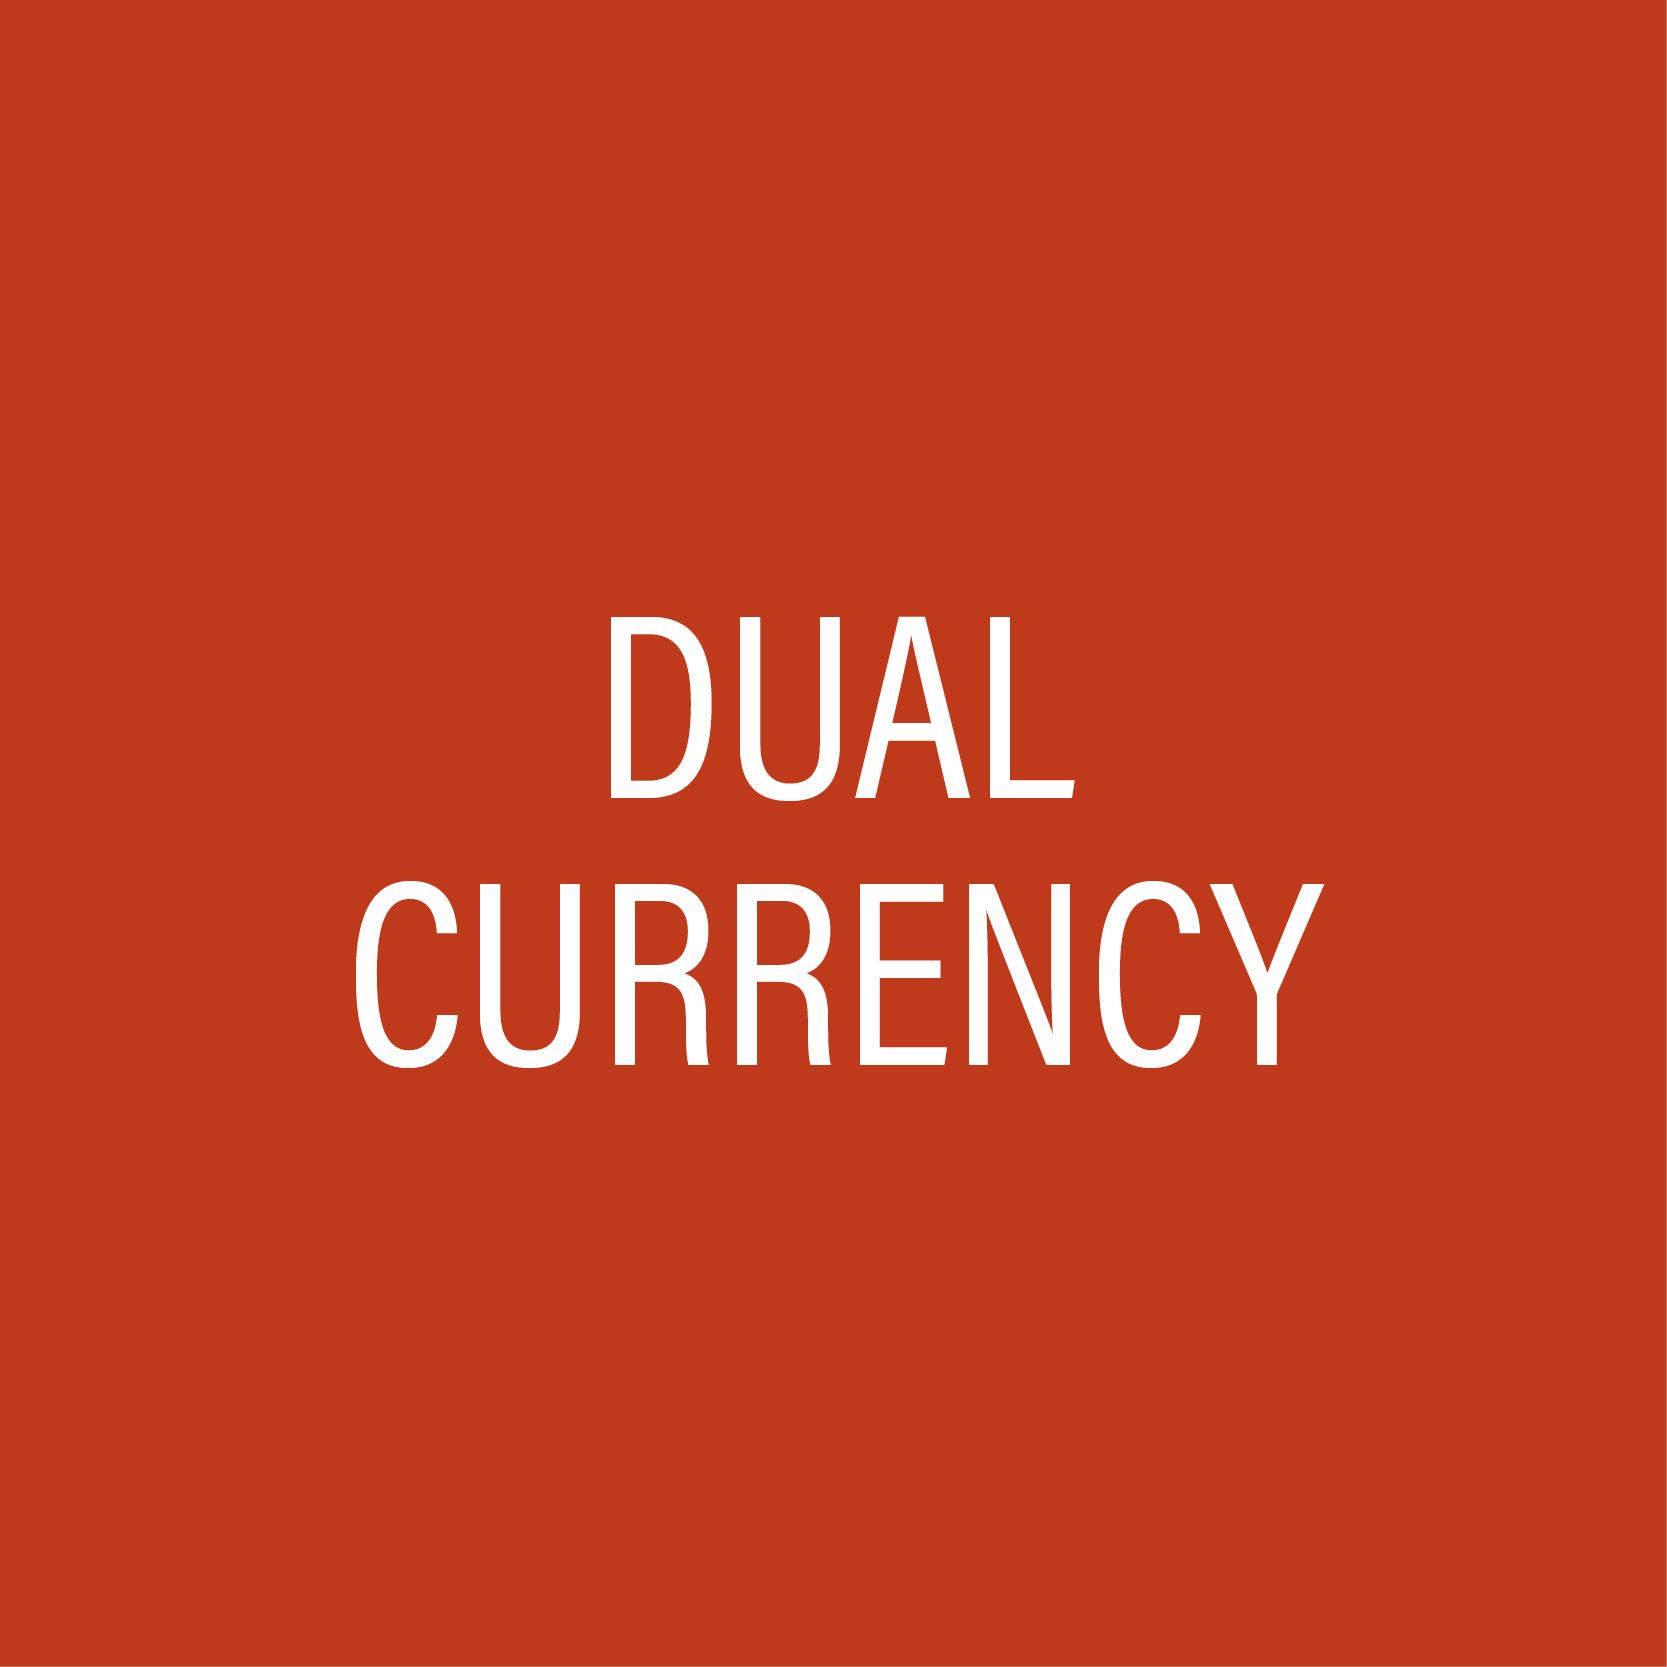 Dual Currency.jpg